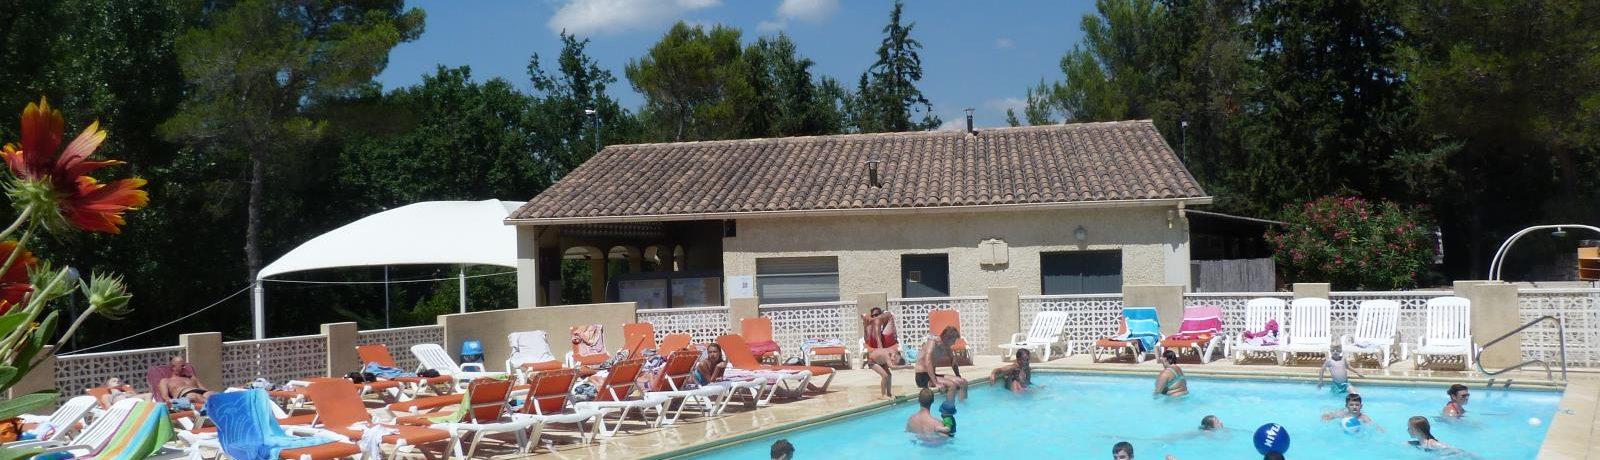 Camping De L'Ayguette is een heerlijke natuurcamping in Faucon op het platteland in de regio Provence-Alpes-Côte d'Azur met 75 kampeerplaatsen en 24 huuraccommodaties.